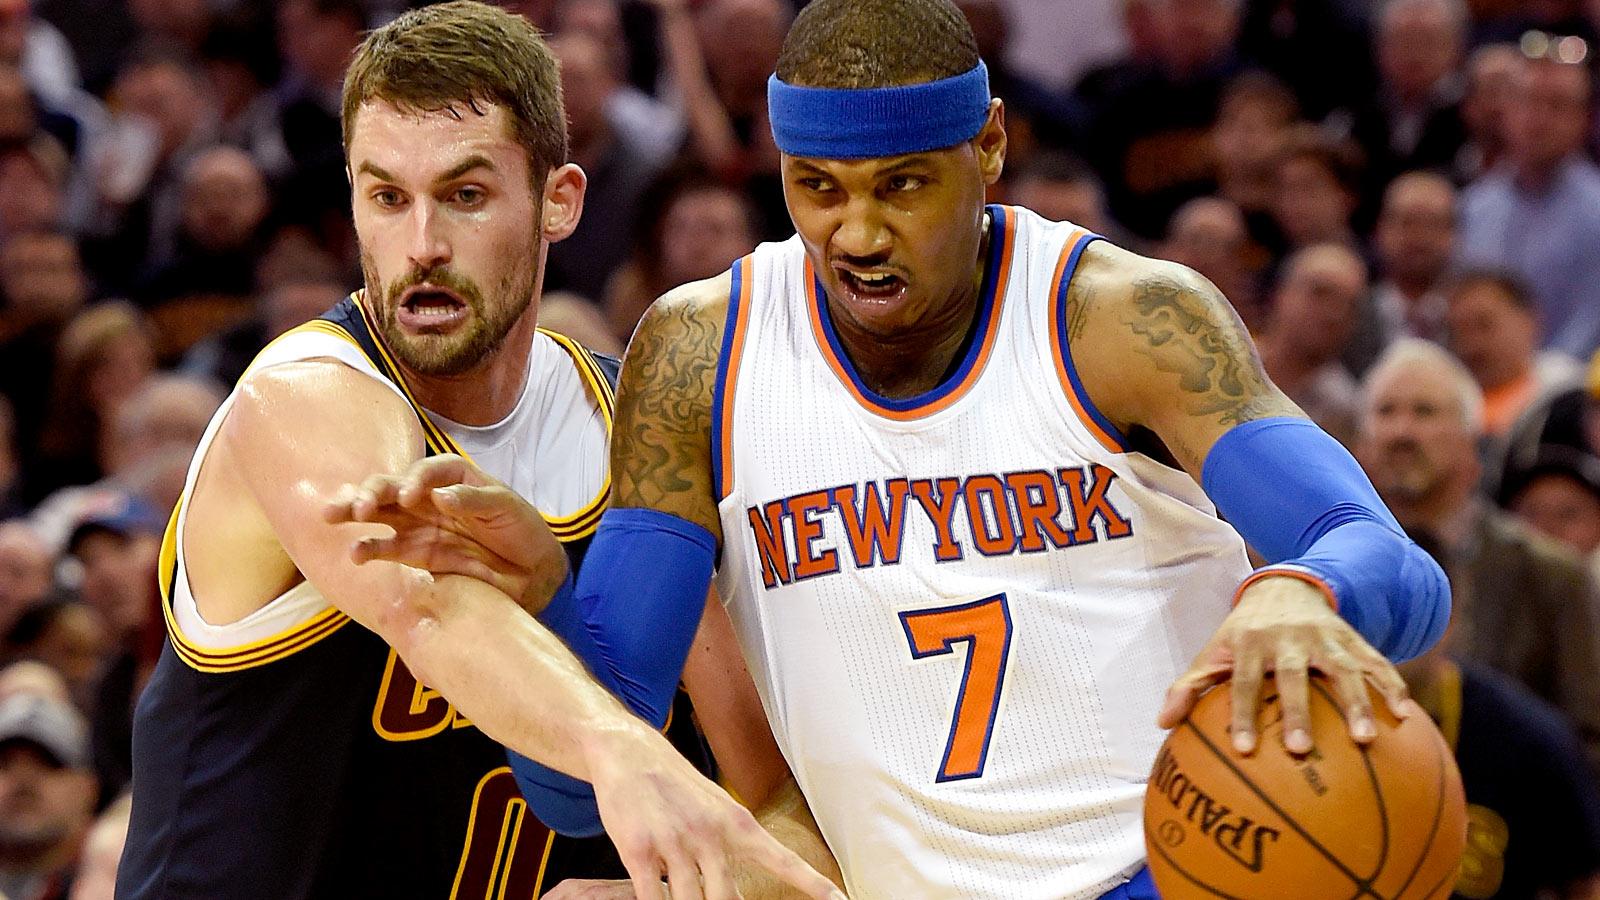 103014-NBA-NY-Knicks-Carmelo-Anthony-Cleveland-Cavaliers-Kevin-Love-PI